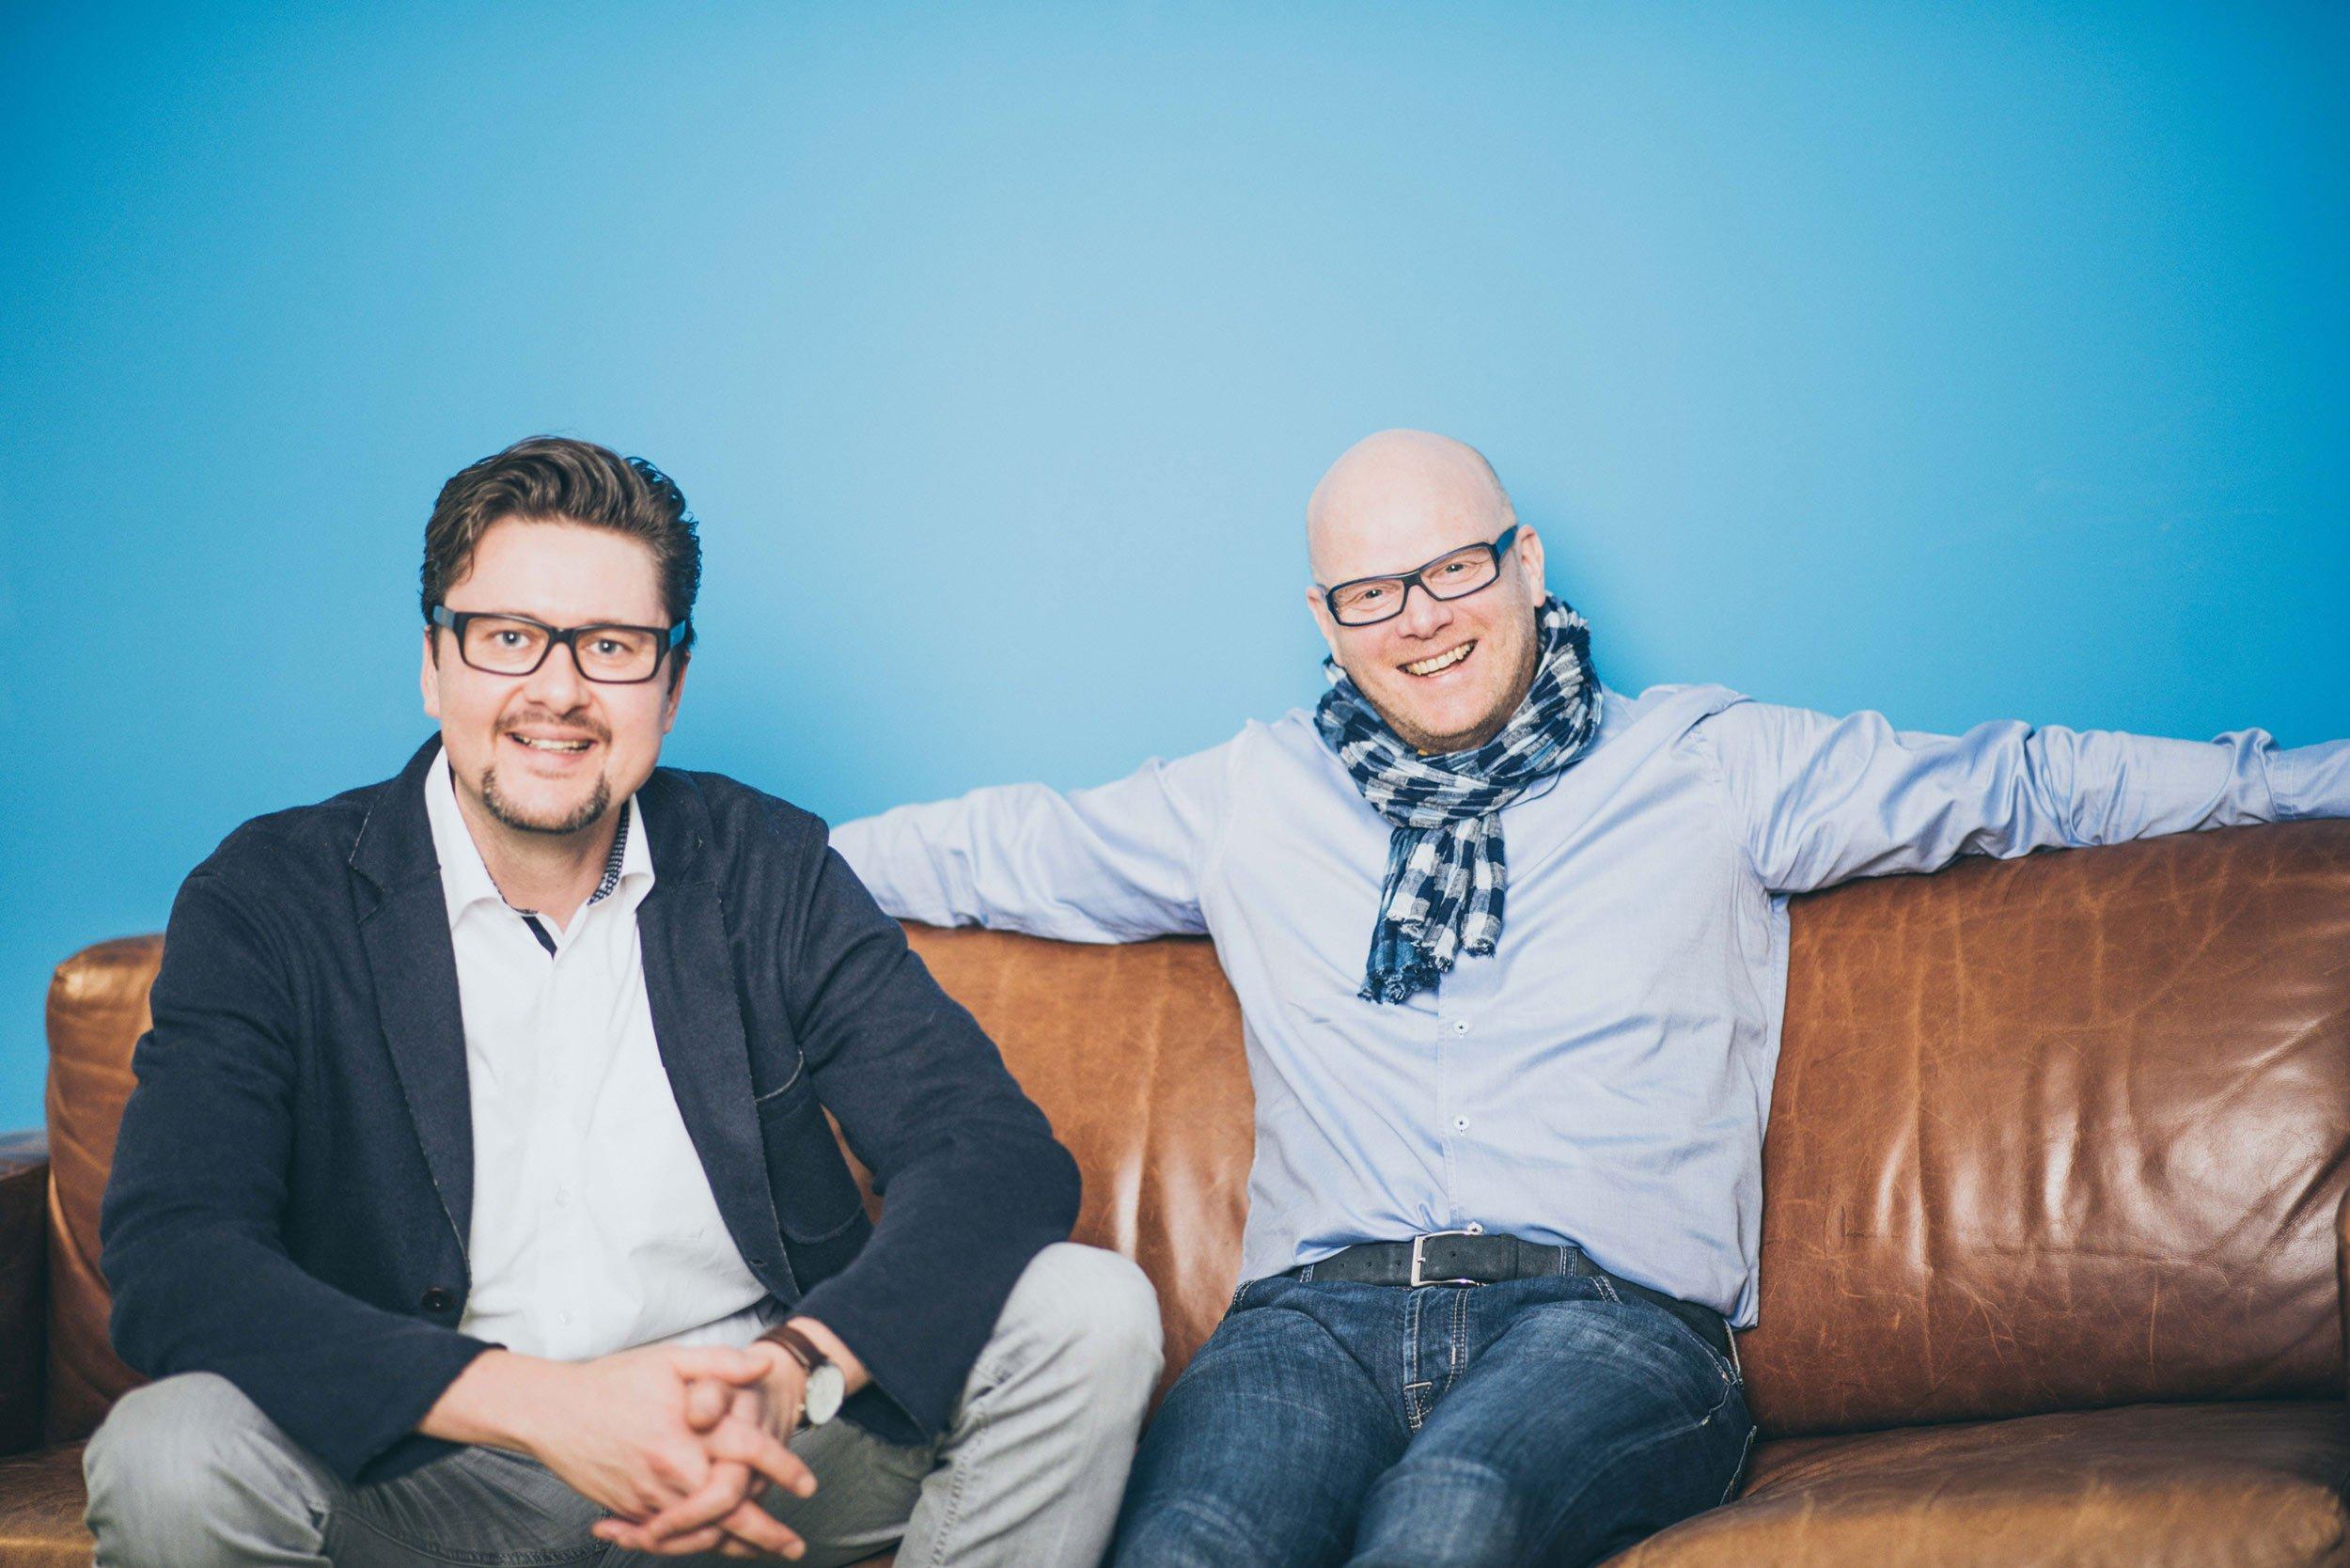 Achim Günter, Jens Schröder, Geschäftsführer vergissmeinnicht GmbH